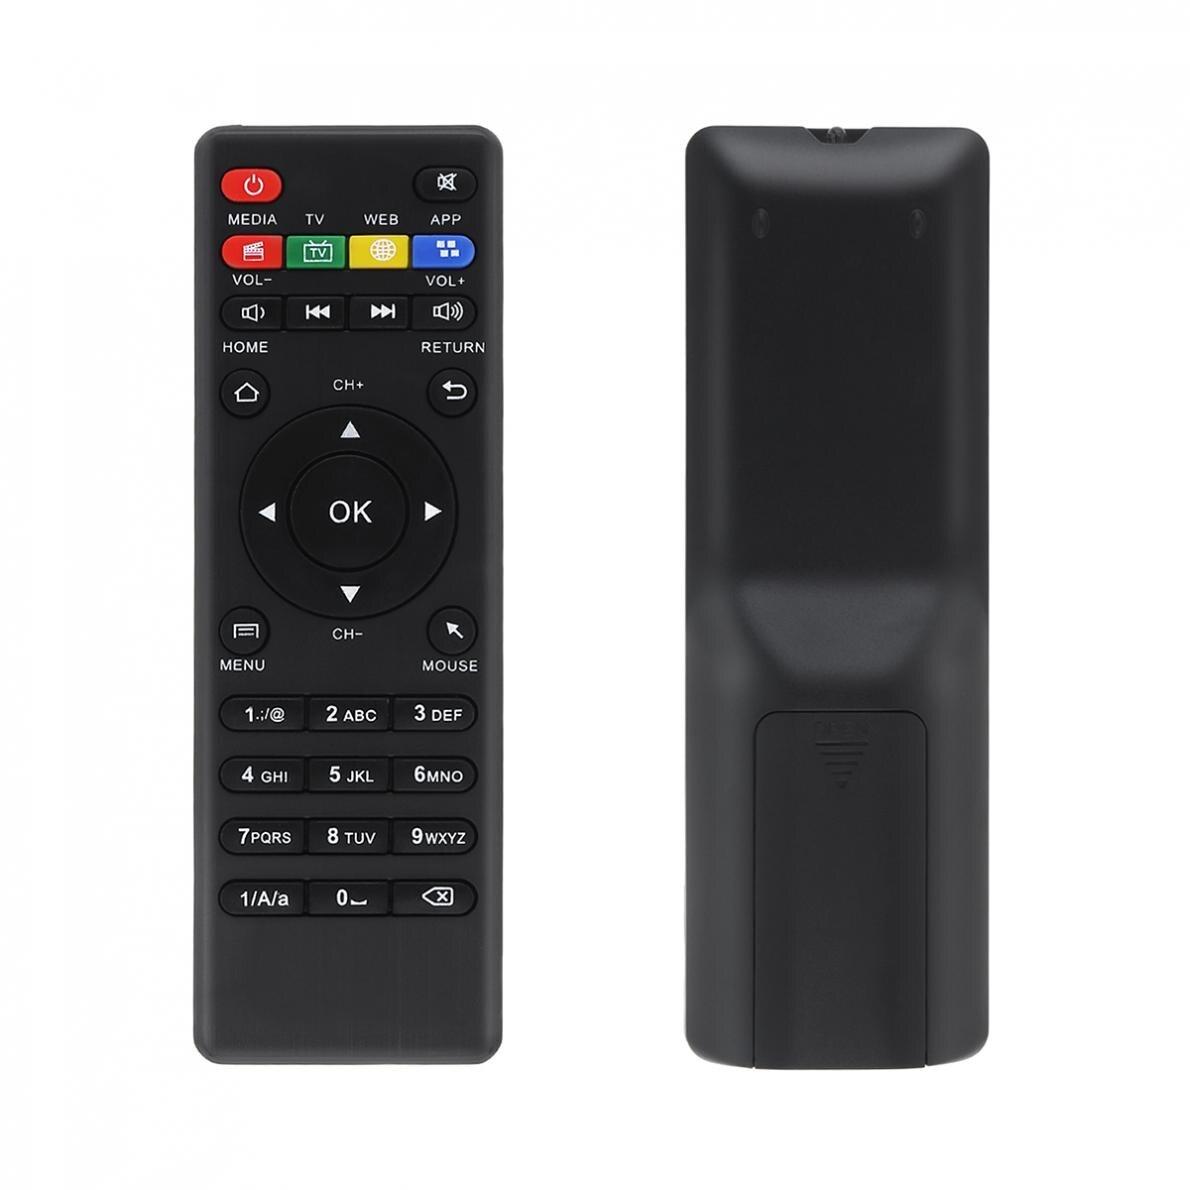 ИК 433 МГц CS918 пульт дистанционного управления для ТВ приставки, замена с дальним дистанционным управлением для CS918 MXV Q7 / Q8 / V88 / V99 без программирования|Пульты ДУ|   | АлиЭкспресс